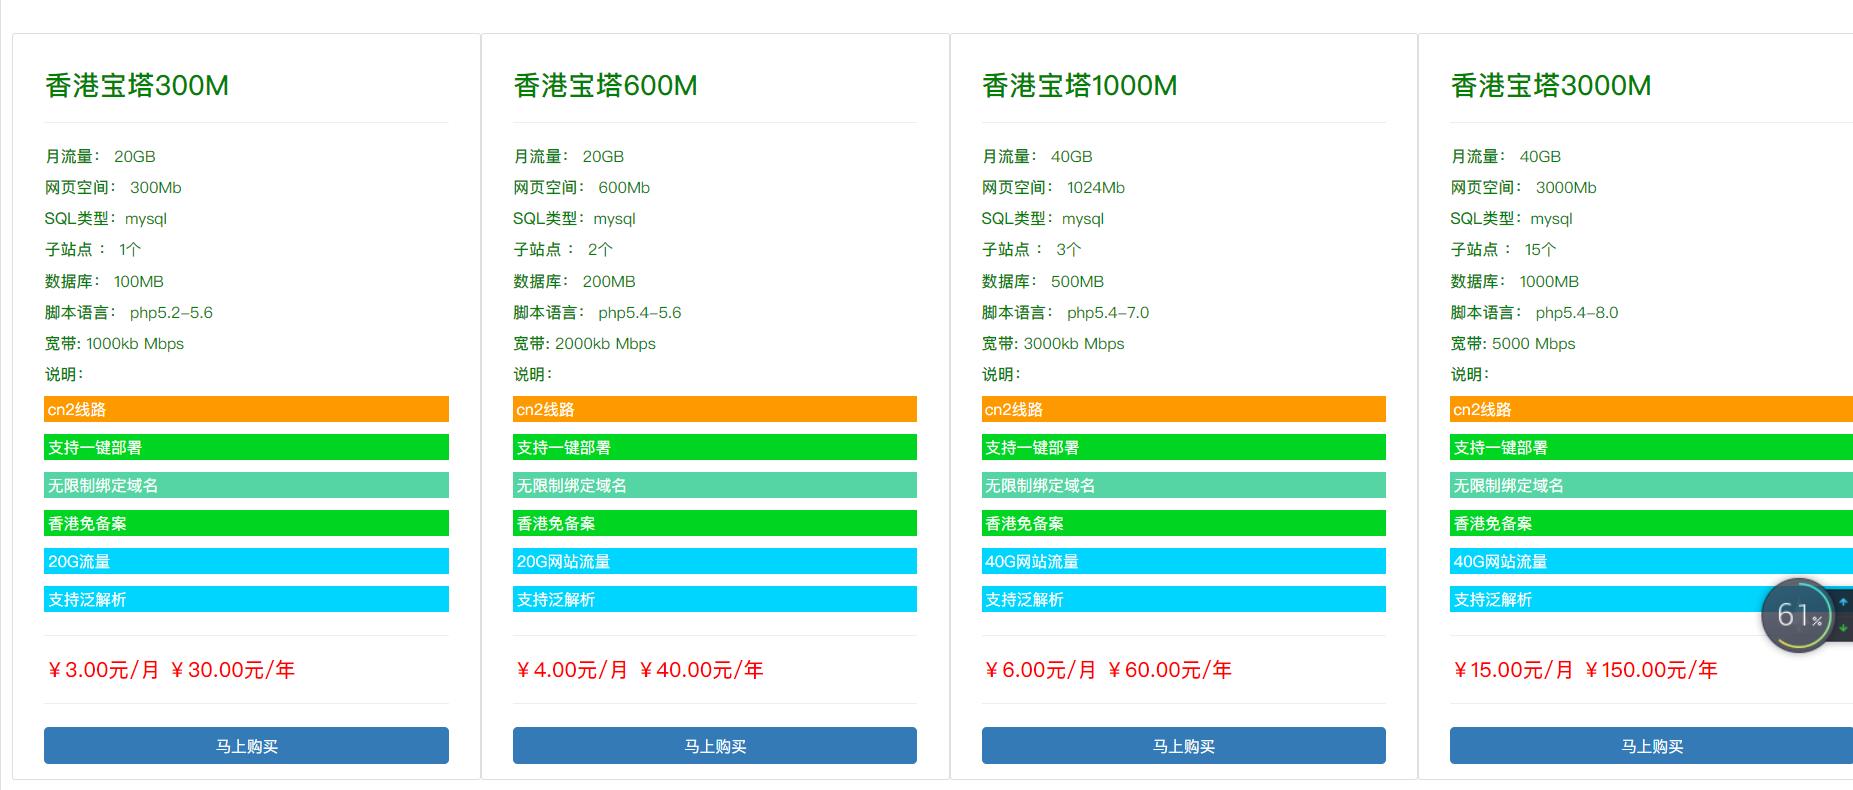 光盾云香港系列容量升级 加量不加价